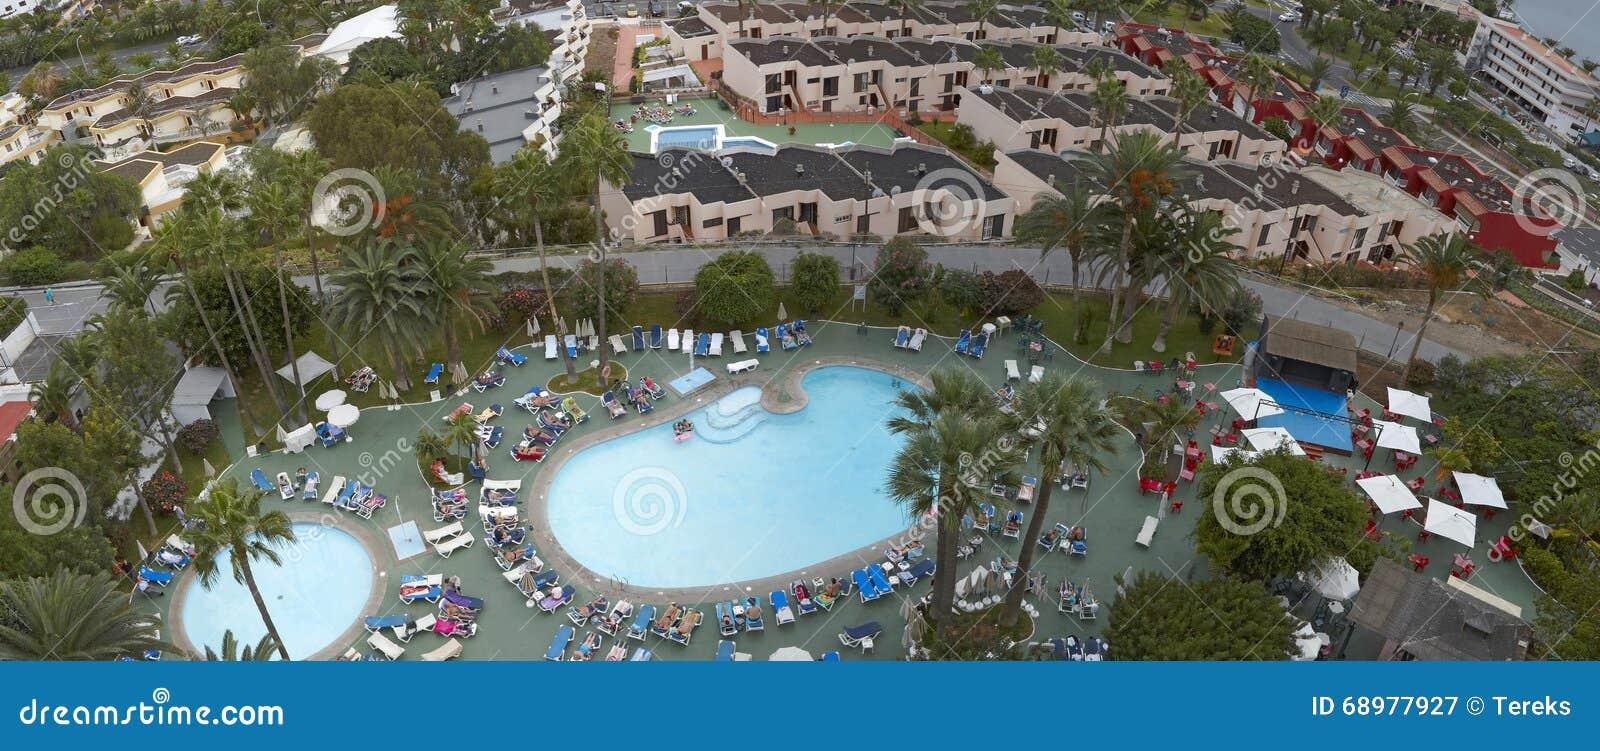 Panorama de la piscina en uno de los hoteles de Tenerife, islas Canarias, España